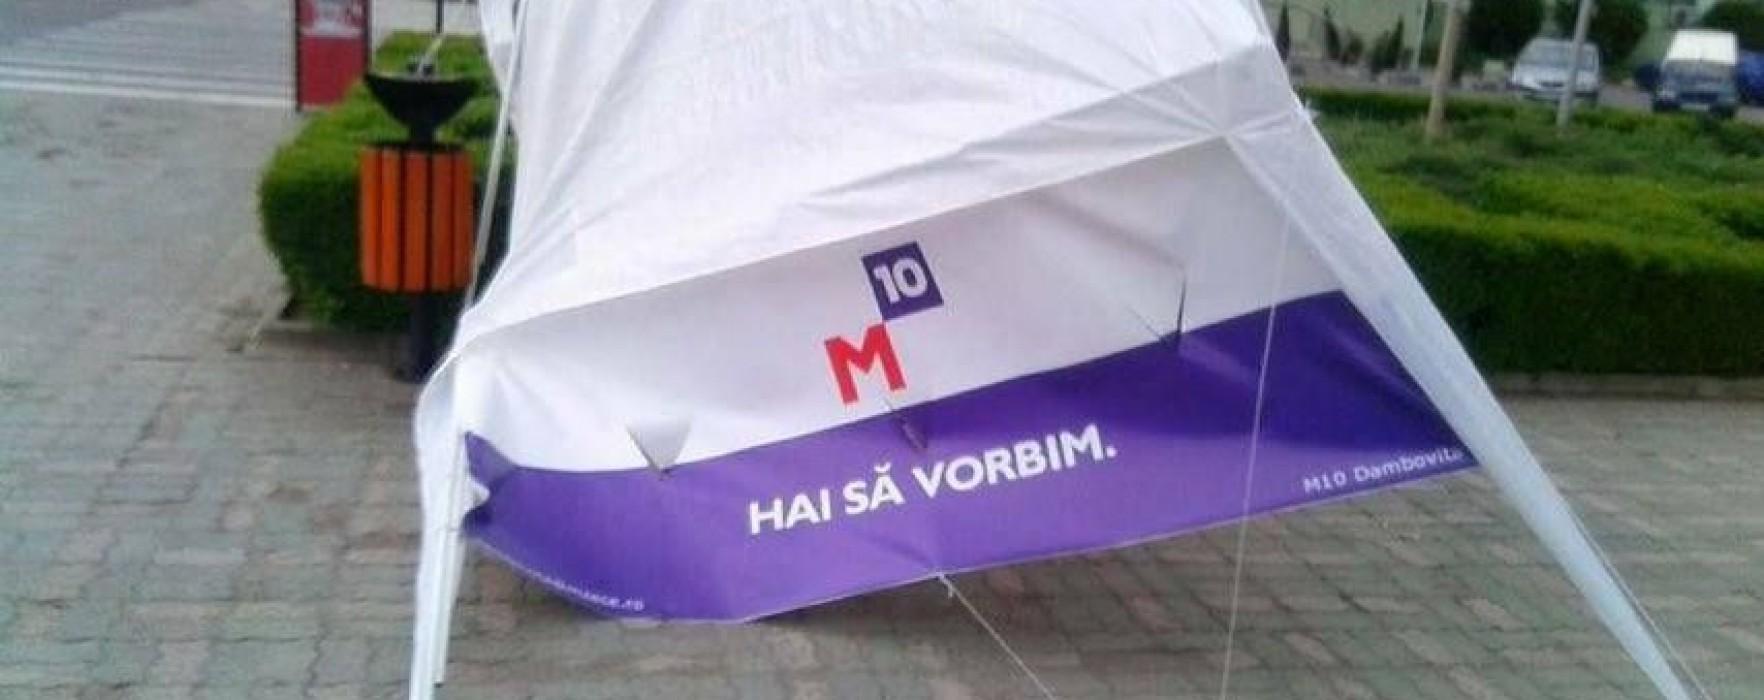 M10 Dâmboviţa anunţă că nu a strâns numărul necesar de semnături pentru depunerea candidaturilor